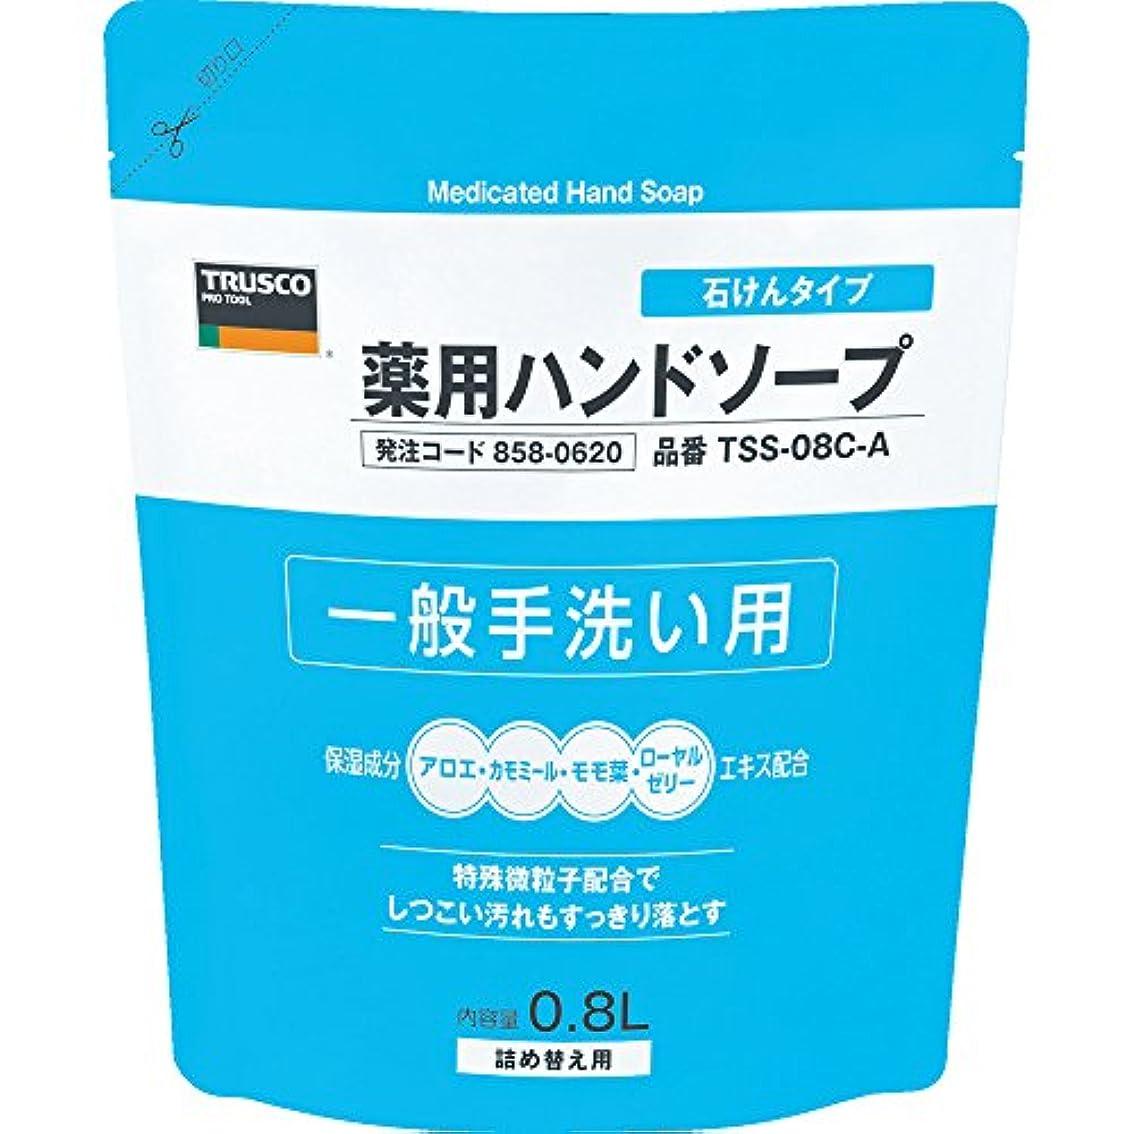 宝巧みな著作権TRUSCO(トラスコ) 薬用ハンドソープ 石けんタイプ 袋入詰替 0.8L TSS-08C-A